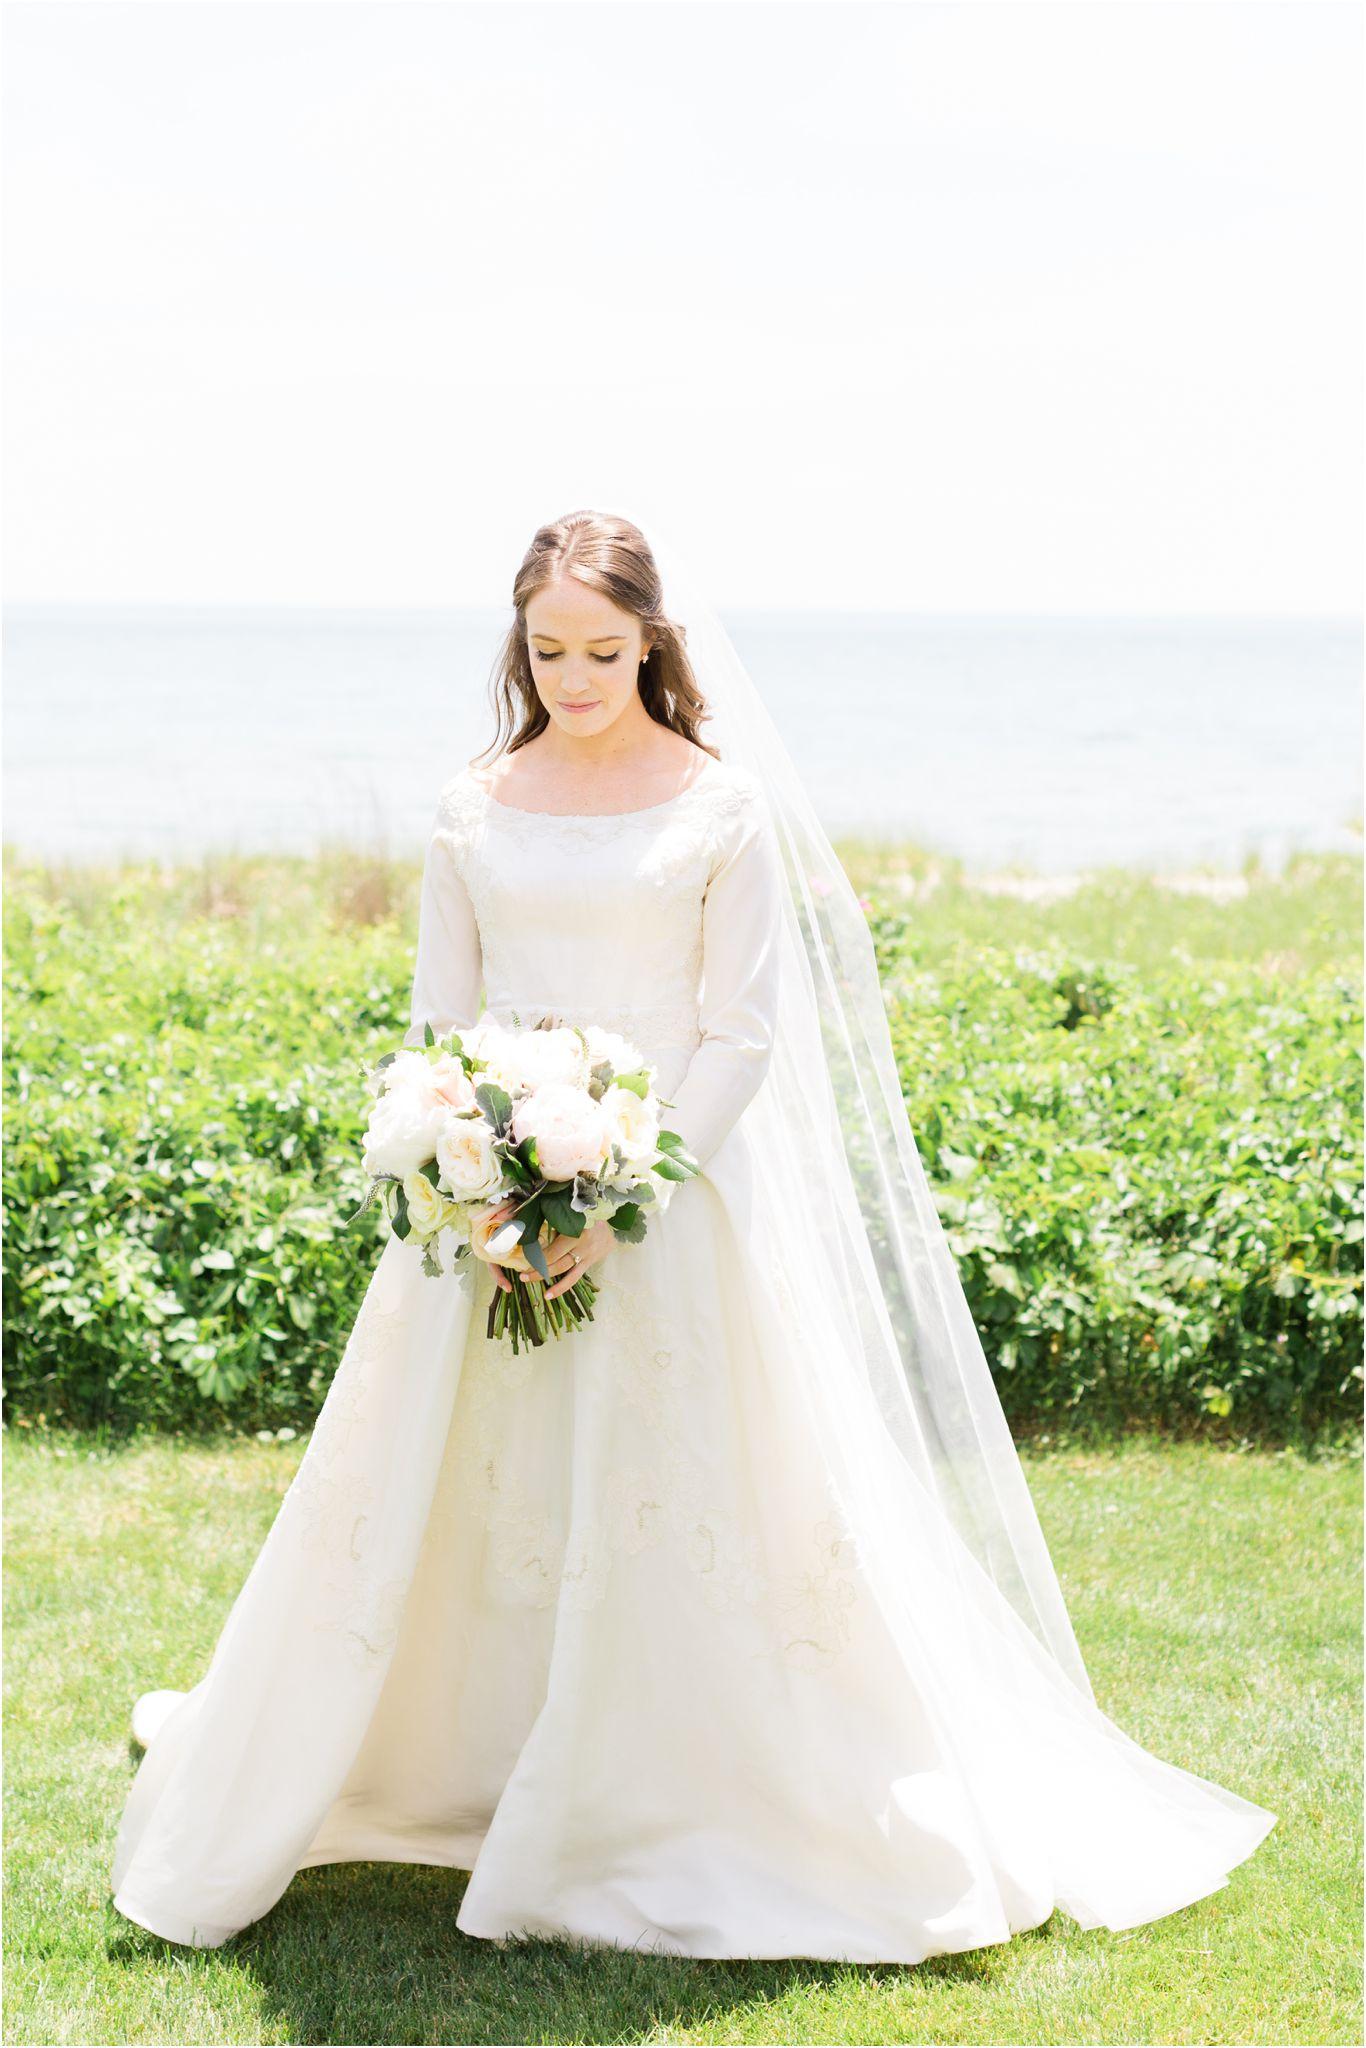 wianno-club-wedding-photos_00019.JPG